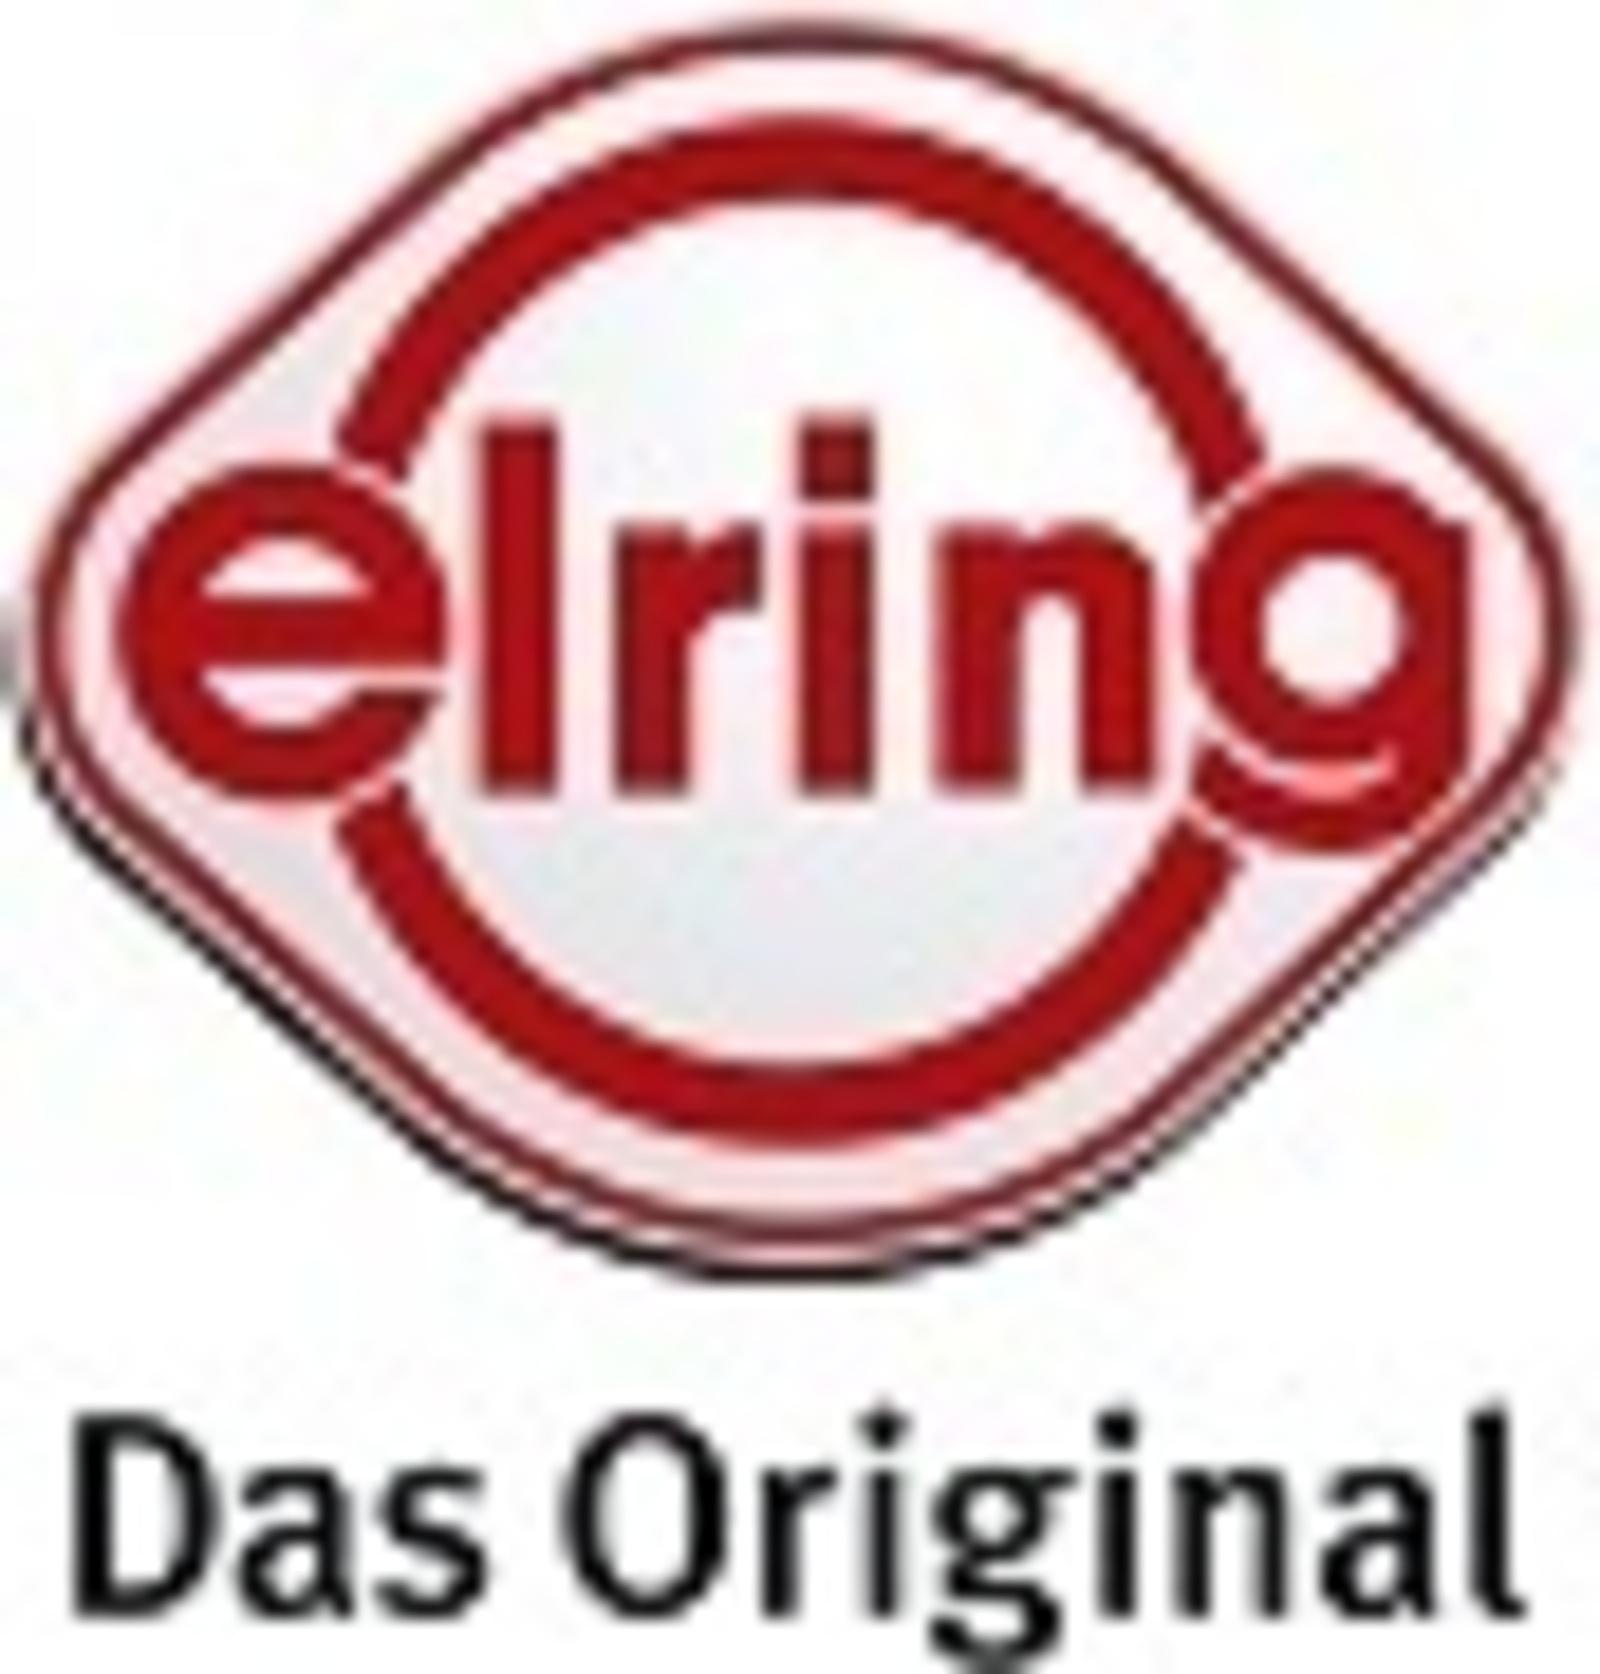 ELRING Dichtung Zylinderkopfhaube Ventildeckeldichtung 502.990